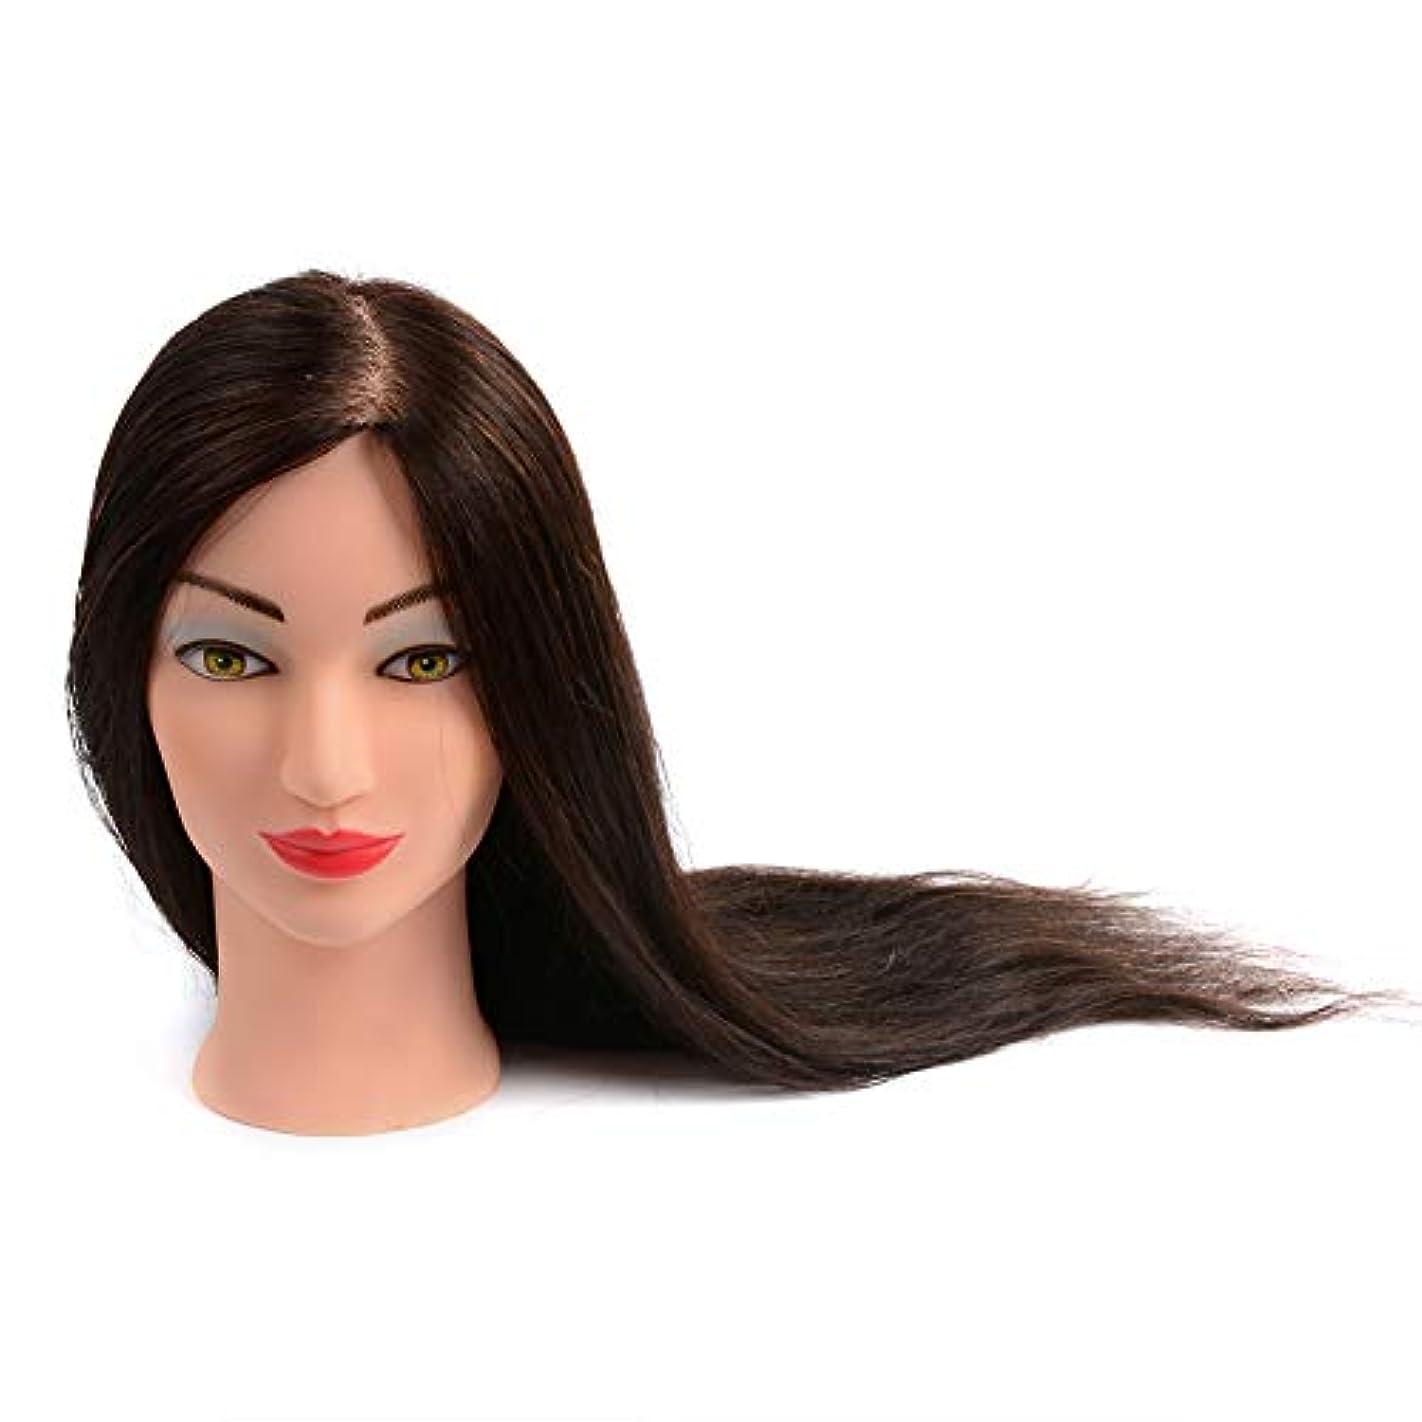 サロン散髪学習ダミーヘッドブライダルメイクスタイリングプラクティスモデルの髪を染めることができ、漂白ティーチングヘッド